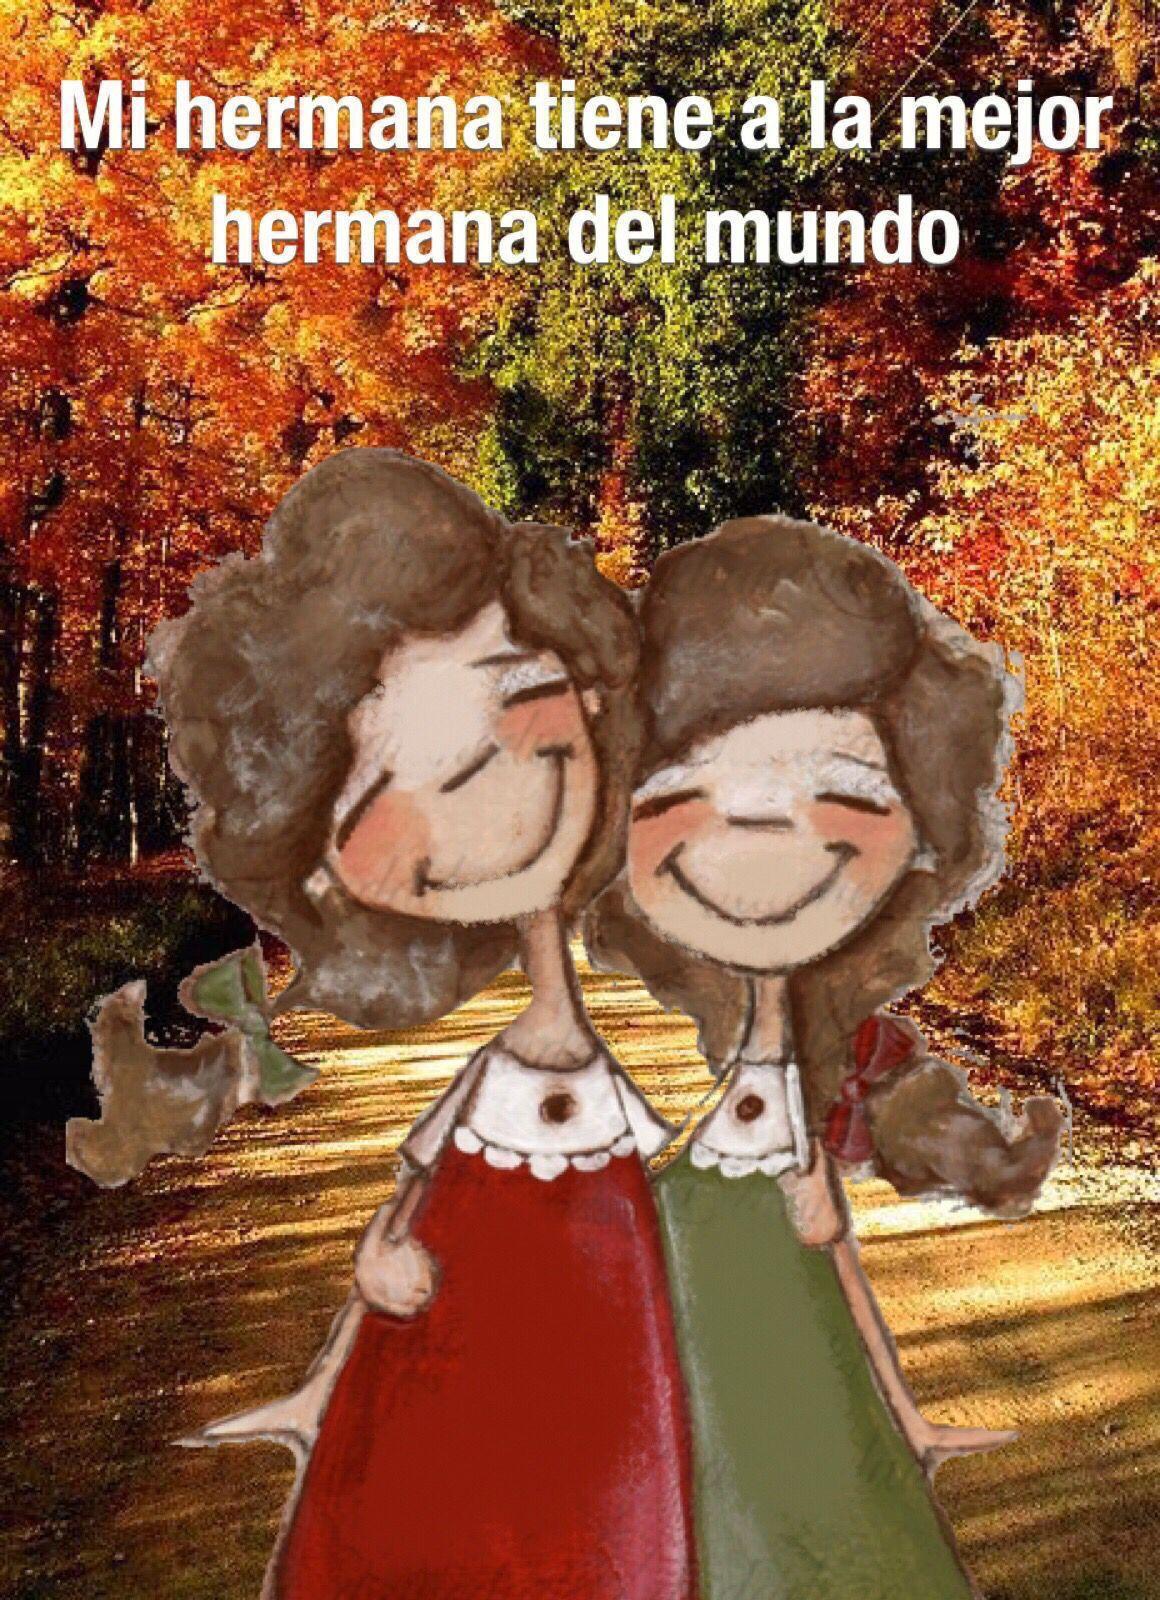 Dos hermanas abraz ndose en el bosque dormir y so ar - El tiempo dos hermanas aemet ...